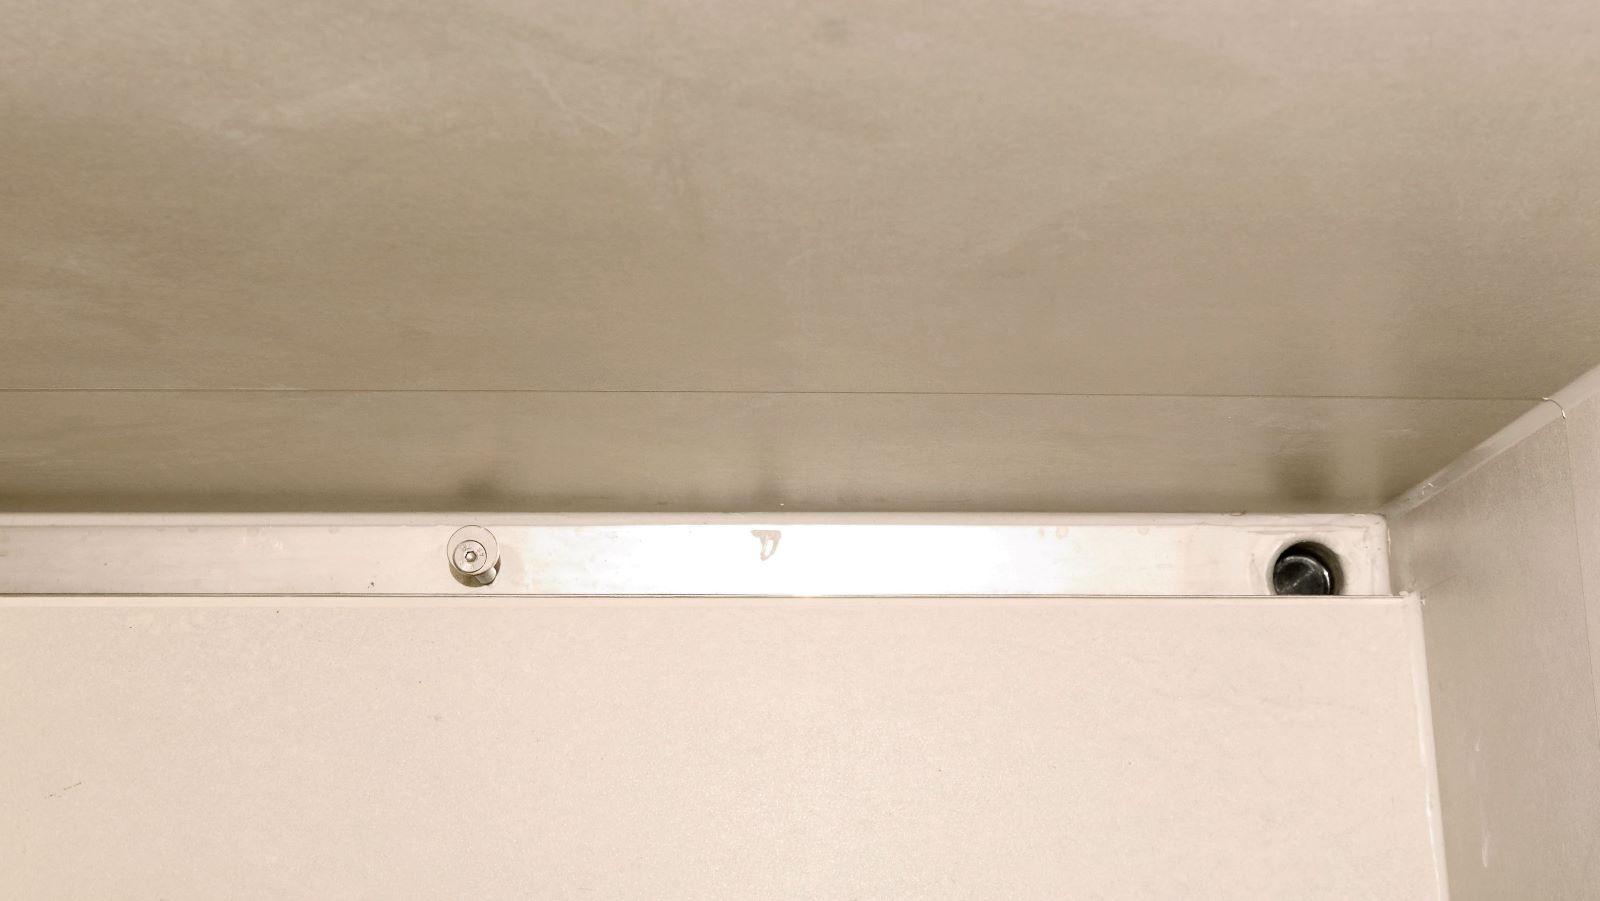 Auf dem bild sieht man die extra lange v4a edelstahl-duschrinne pro. Sie ist wandbuendig montiert in einer Reihendusche im Sanitaerbereich. Durch die leicht abzunehmende v4a edelstahl-abdeckung ist sie schnell und hygienisch zu reinigen. Kein Haarsieb ist notwendig. Ein starker duschstrahl reicht fuer die einfache reinigung. Gerade im oeffentlichen oder gewerblichen bereich ist diese hygienische reinigung fuer die reinigungskraefte sehr angenehm.